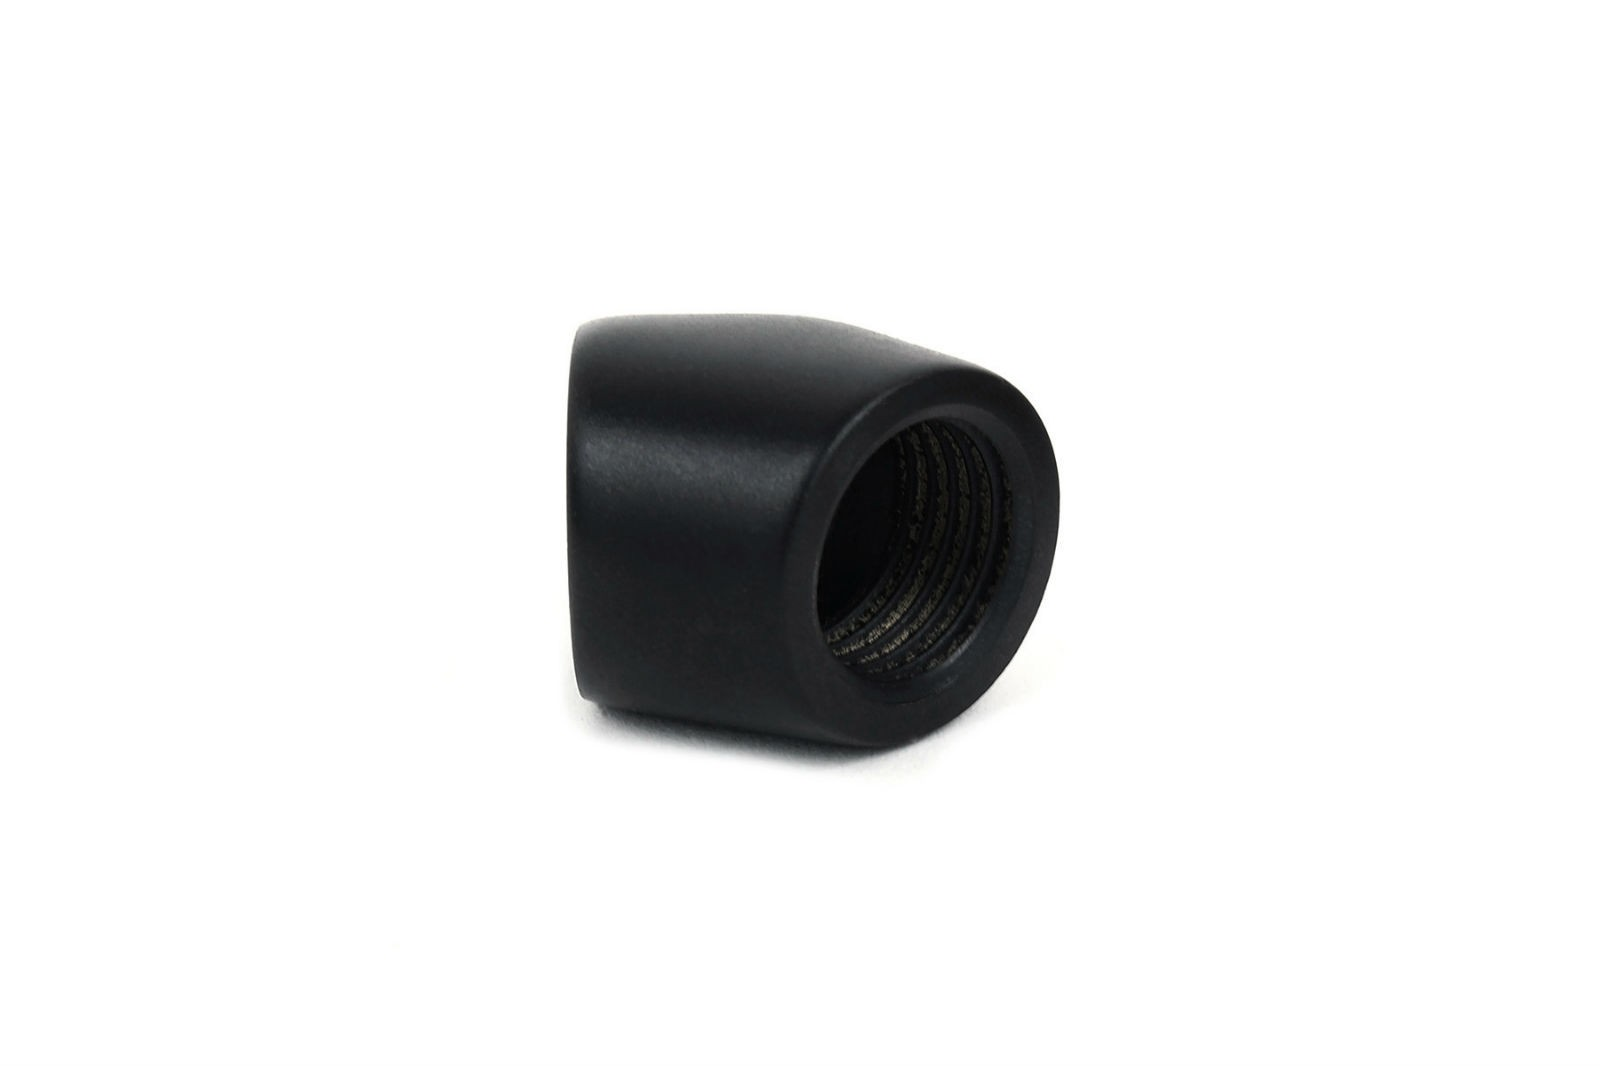 Ống nối Fitting EK-AF Angled 45° 2F G14 Black